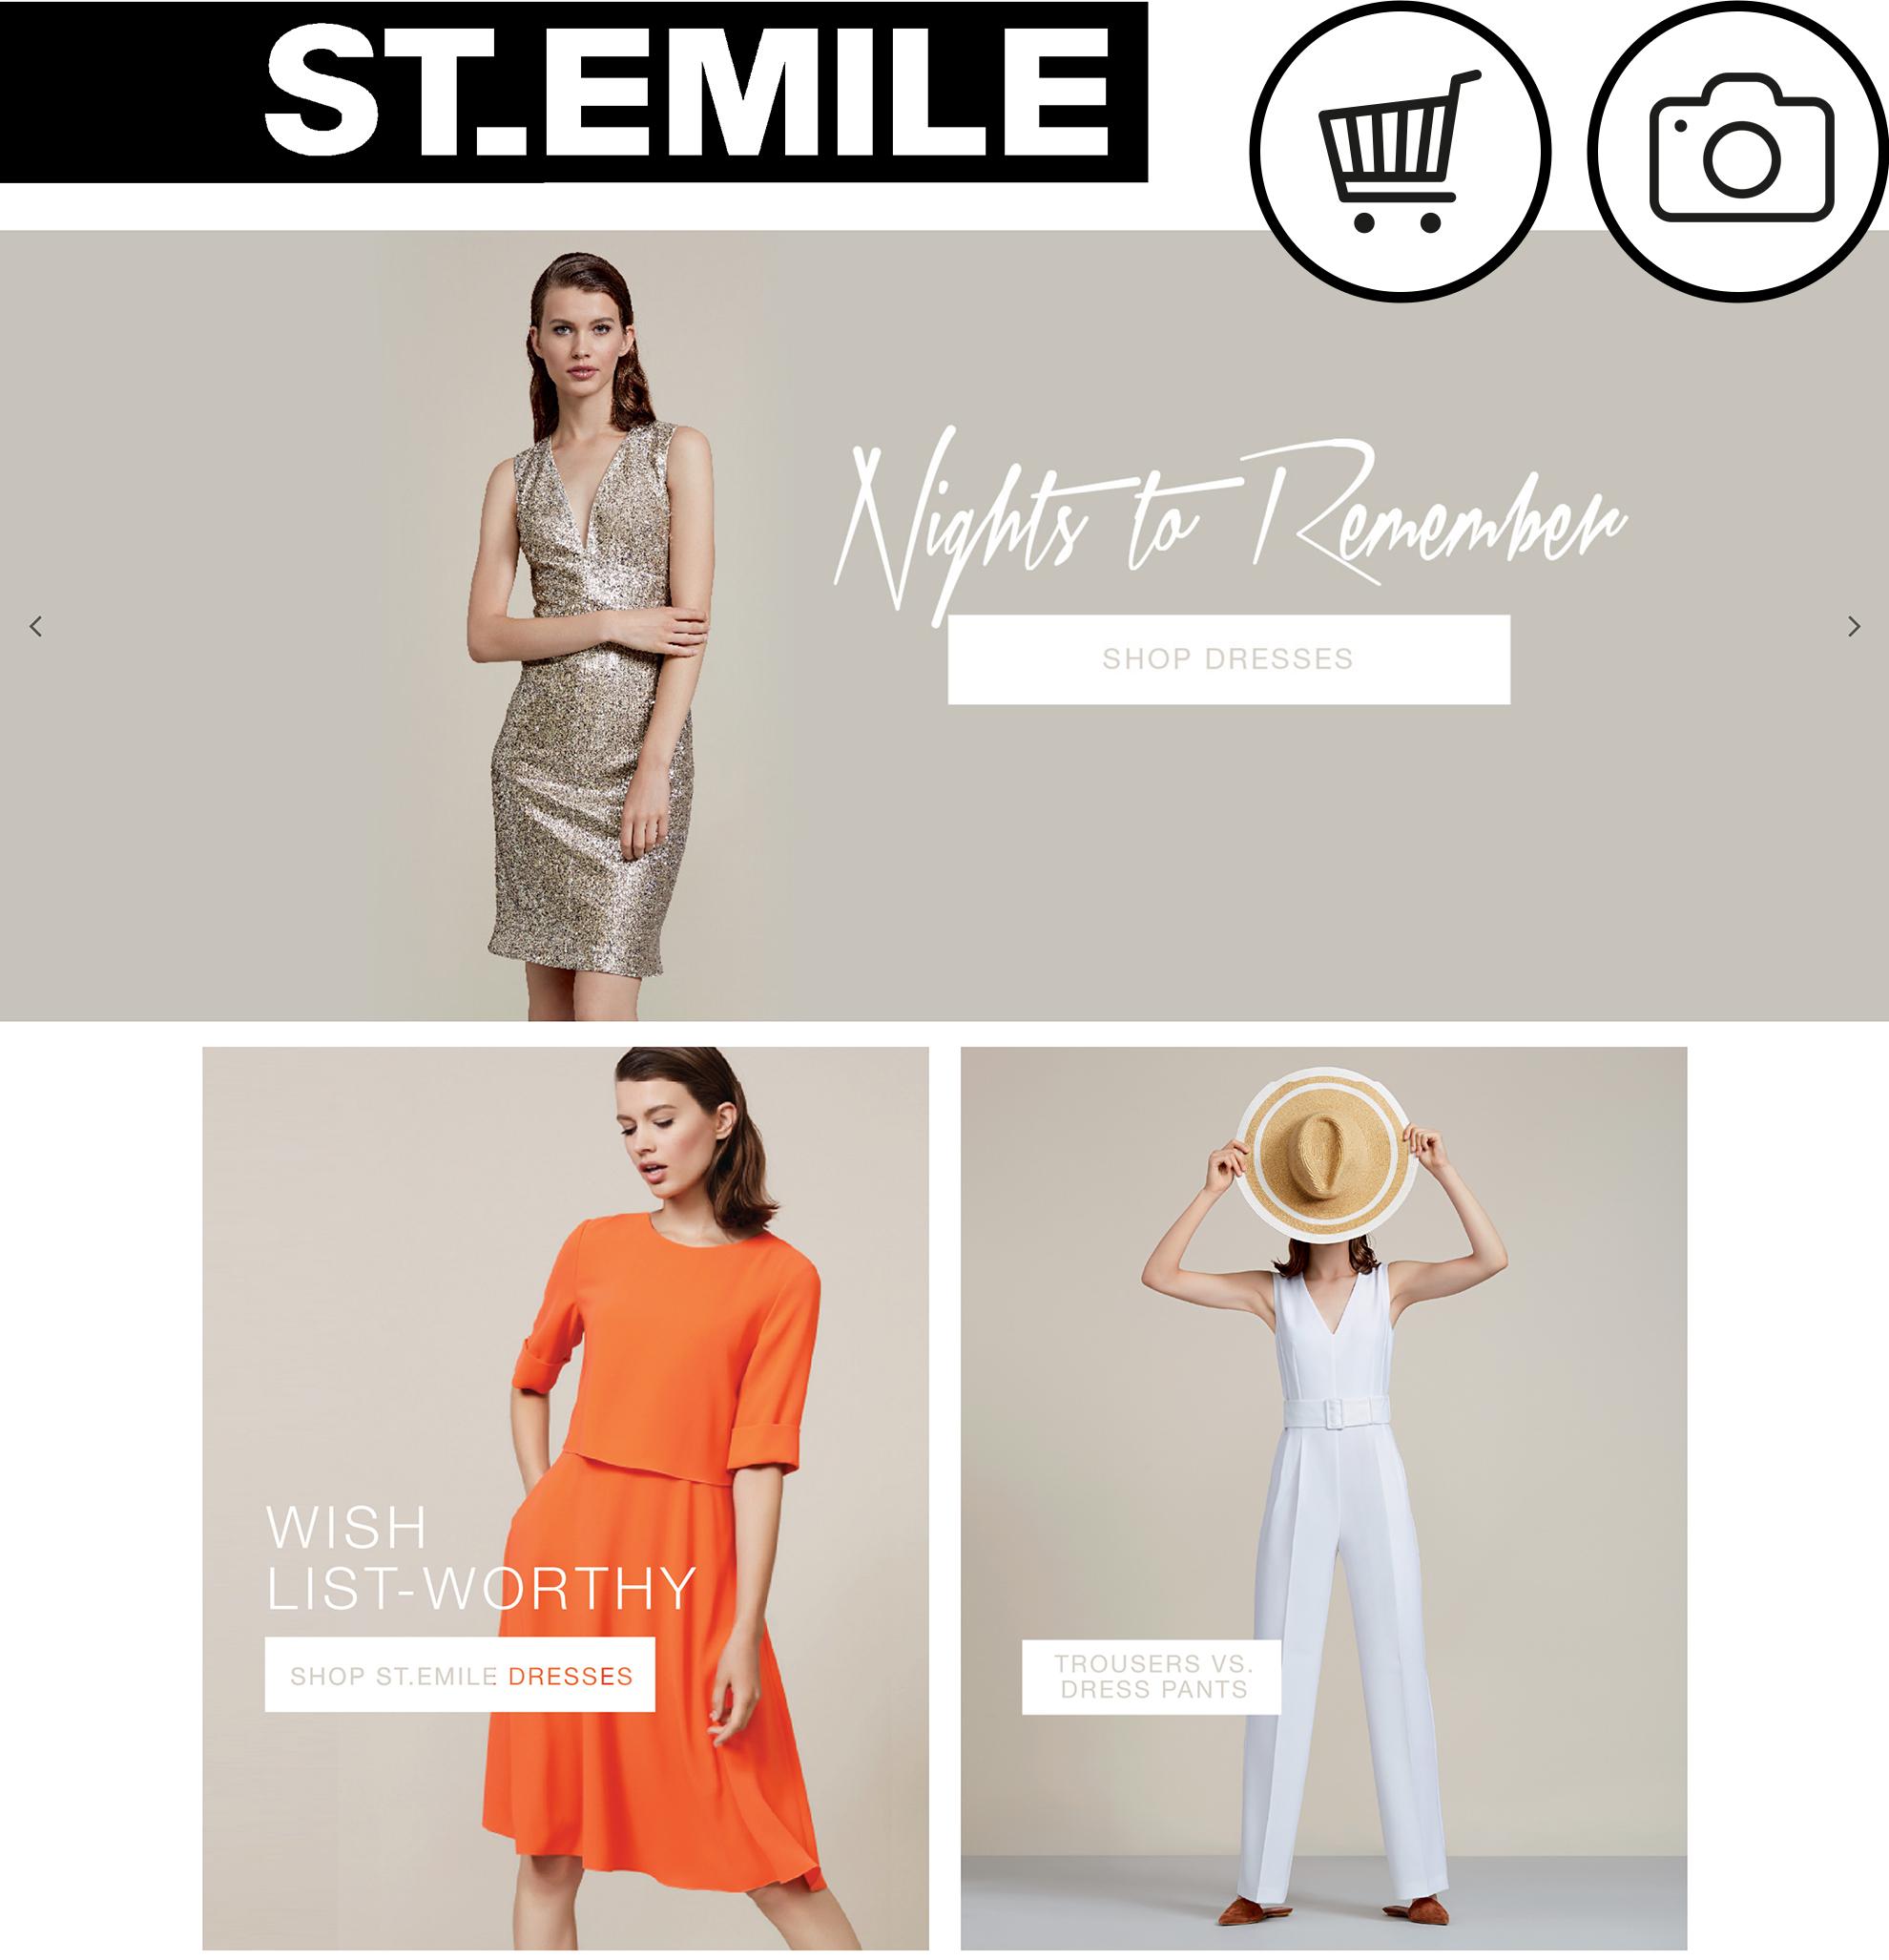 Shopify Einführung - ST.EMILE